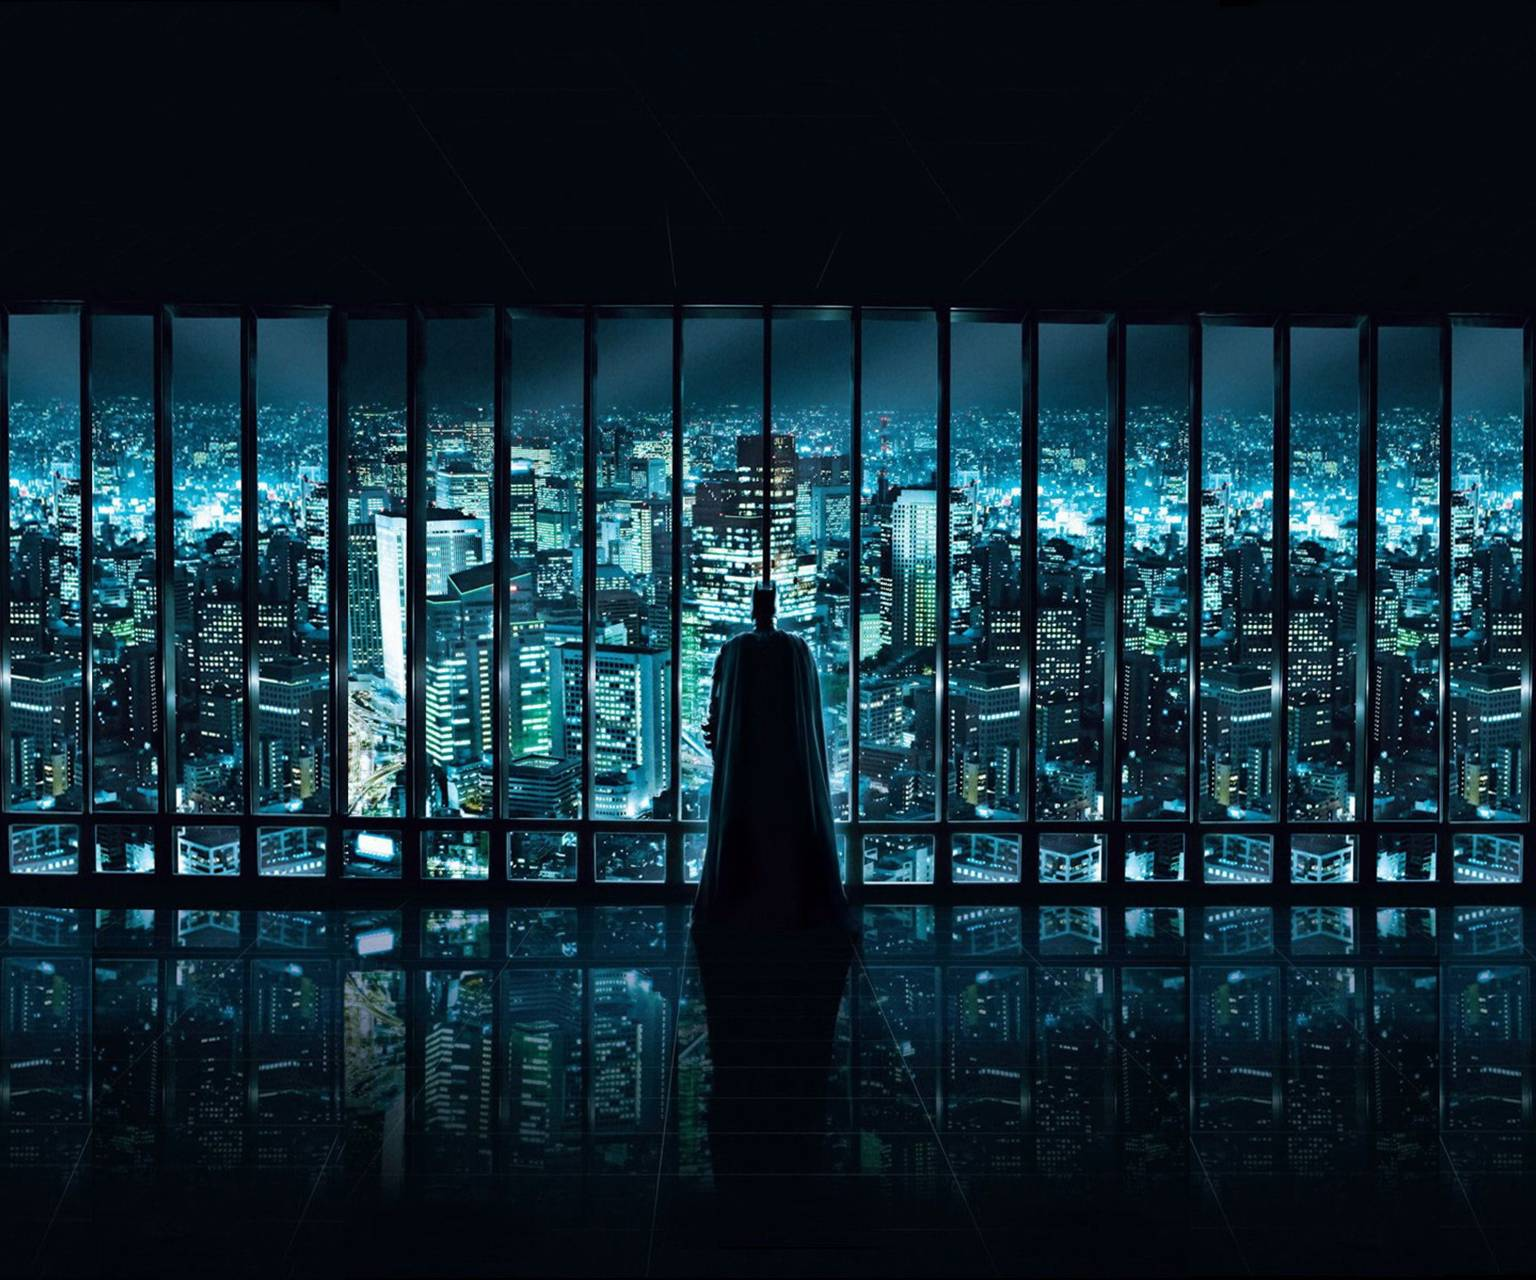 Batman Watching